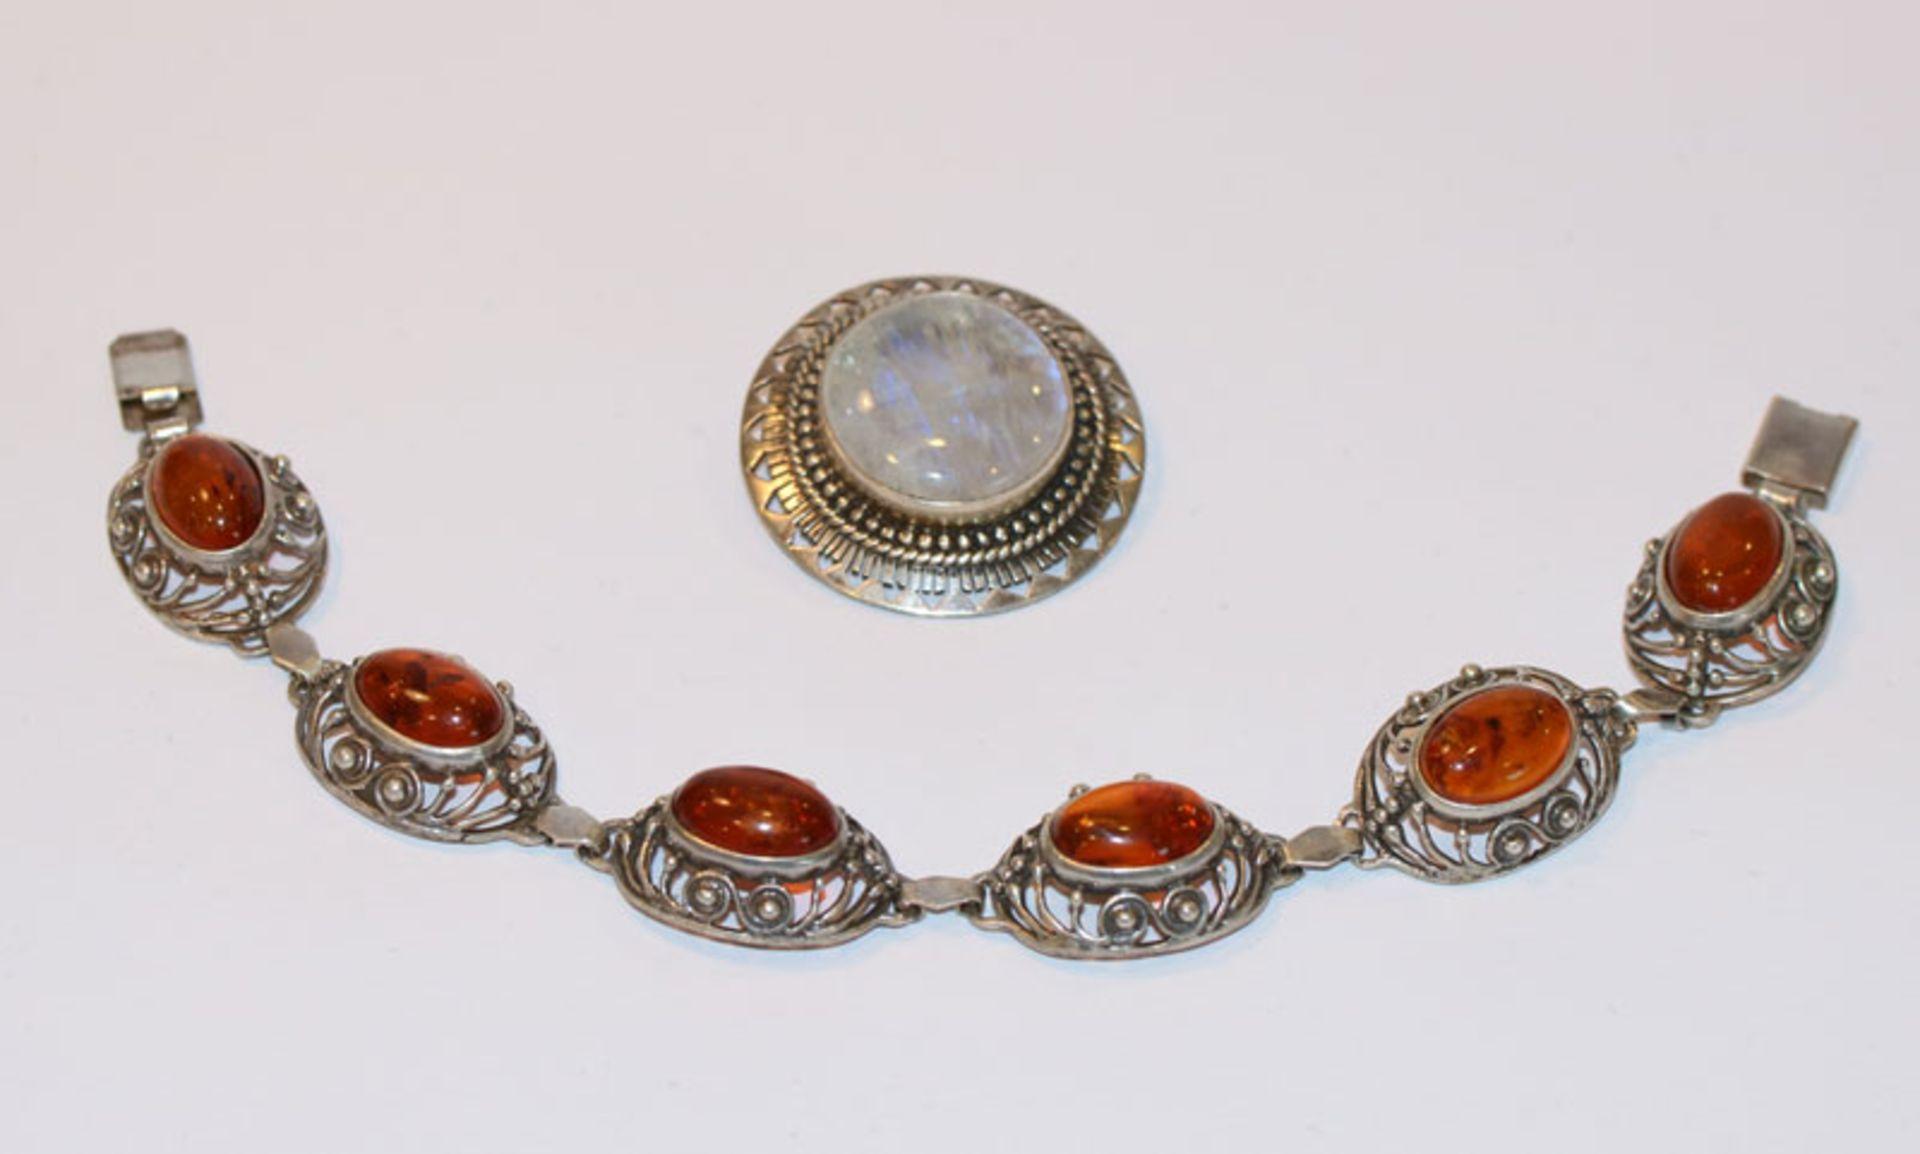 Los 43 - Silber Brosche mit Regenbogen Mondstein, D 3,5 cm, und Silber Armband mit Bernstein, L 19 cm